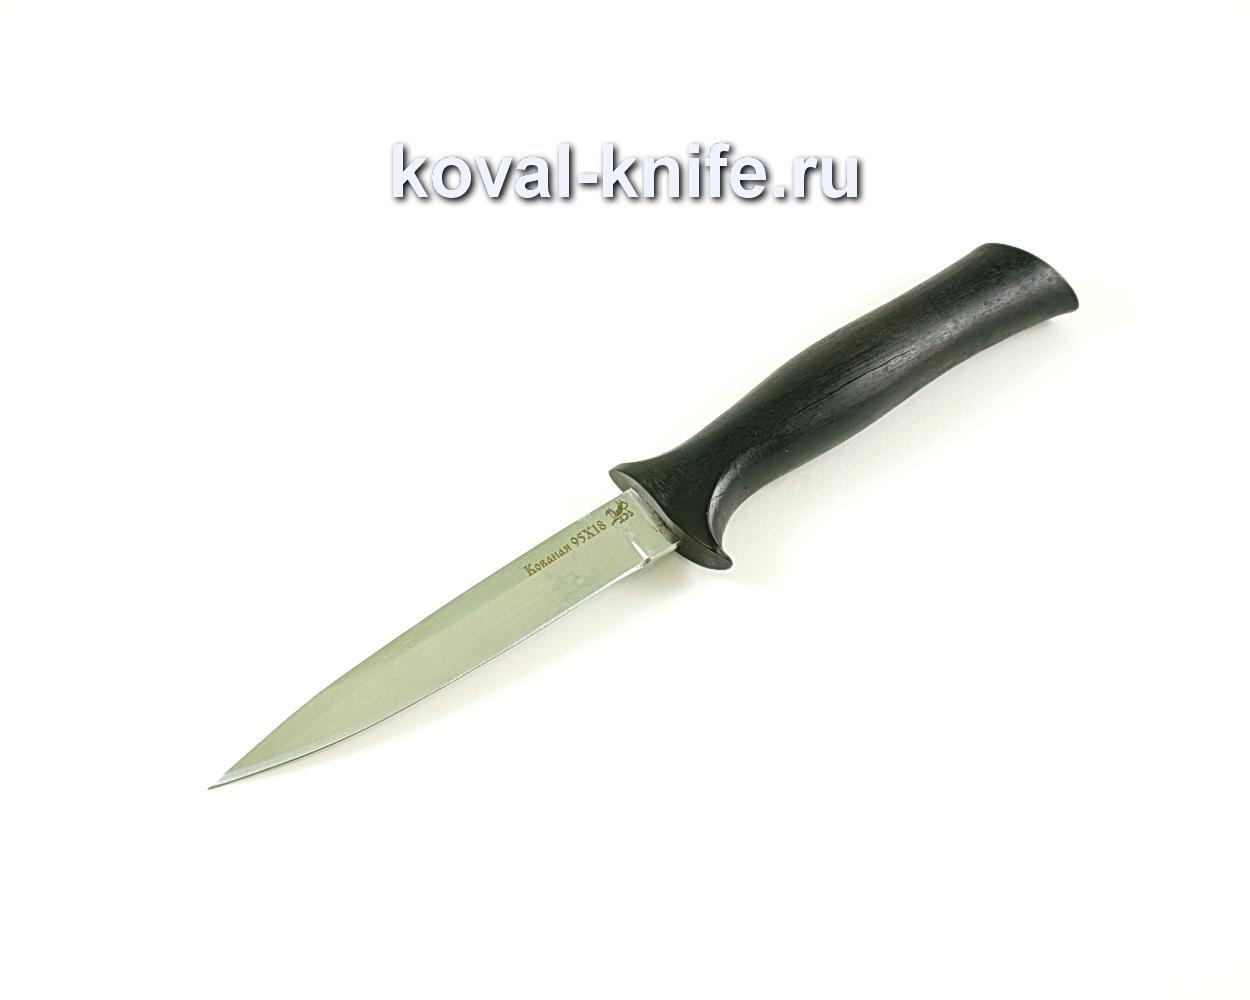 Нож Коготь (сталь 95х18), рукоять граб A267